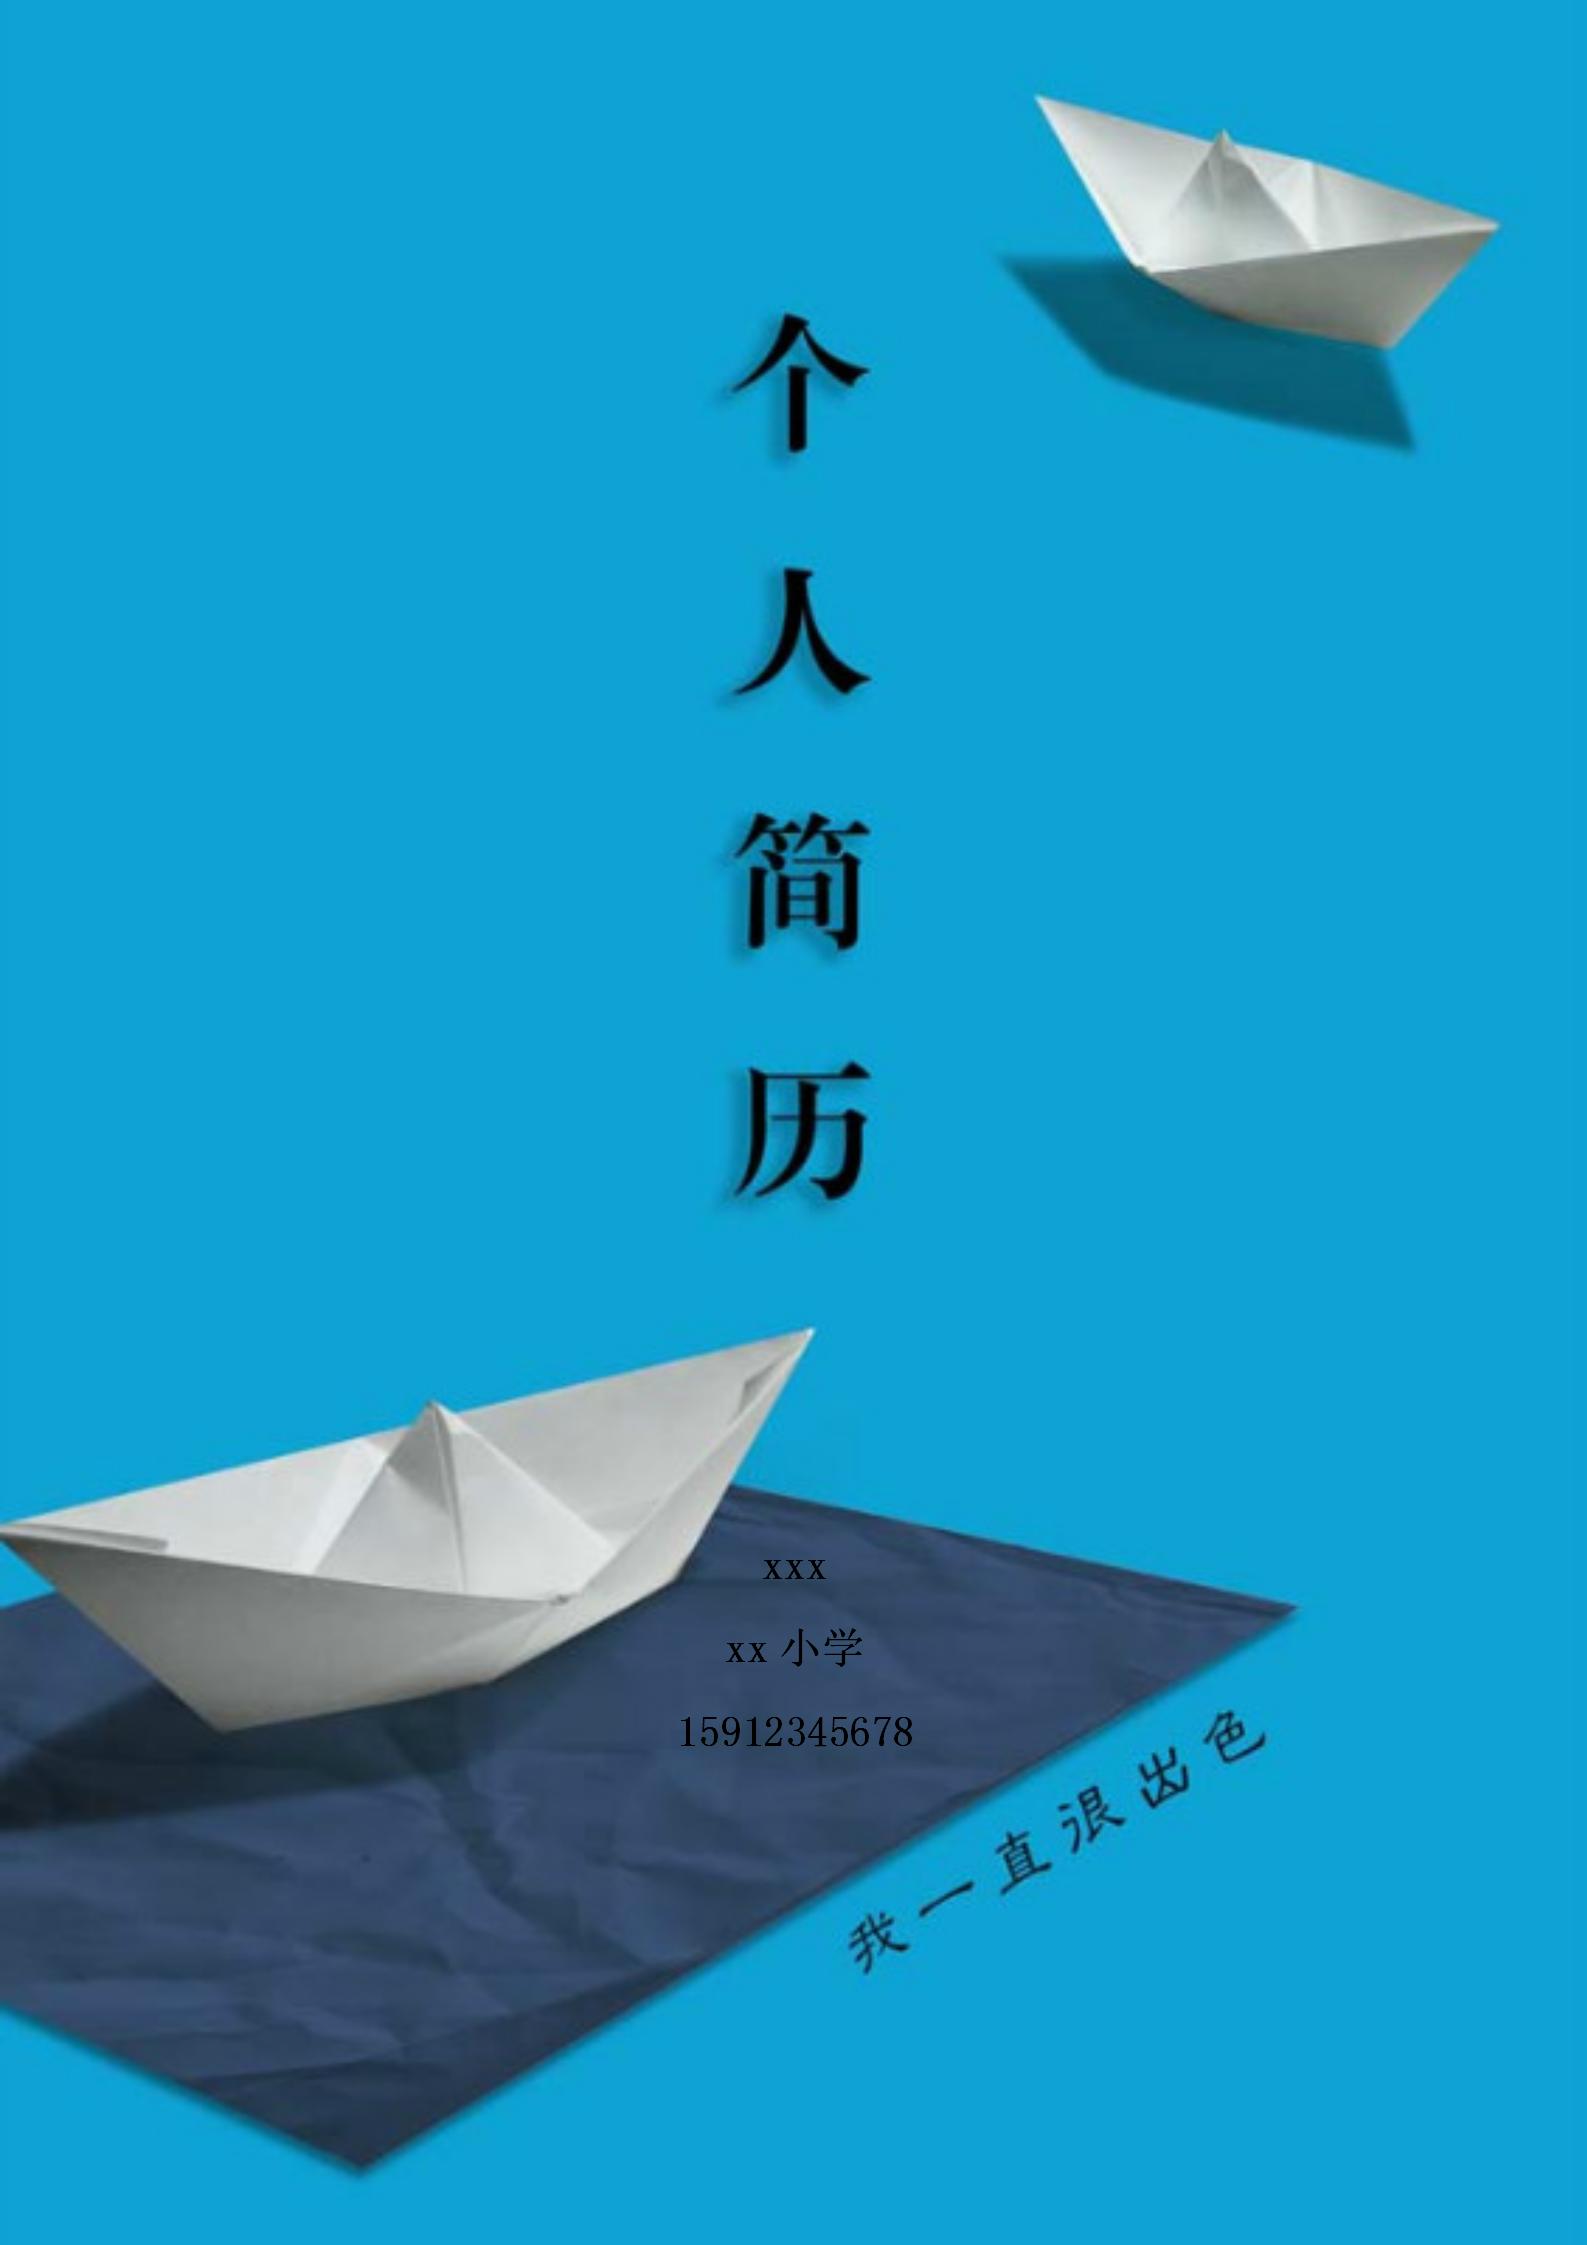 2020年小学升初中简历模板word免费下载(4)